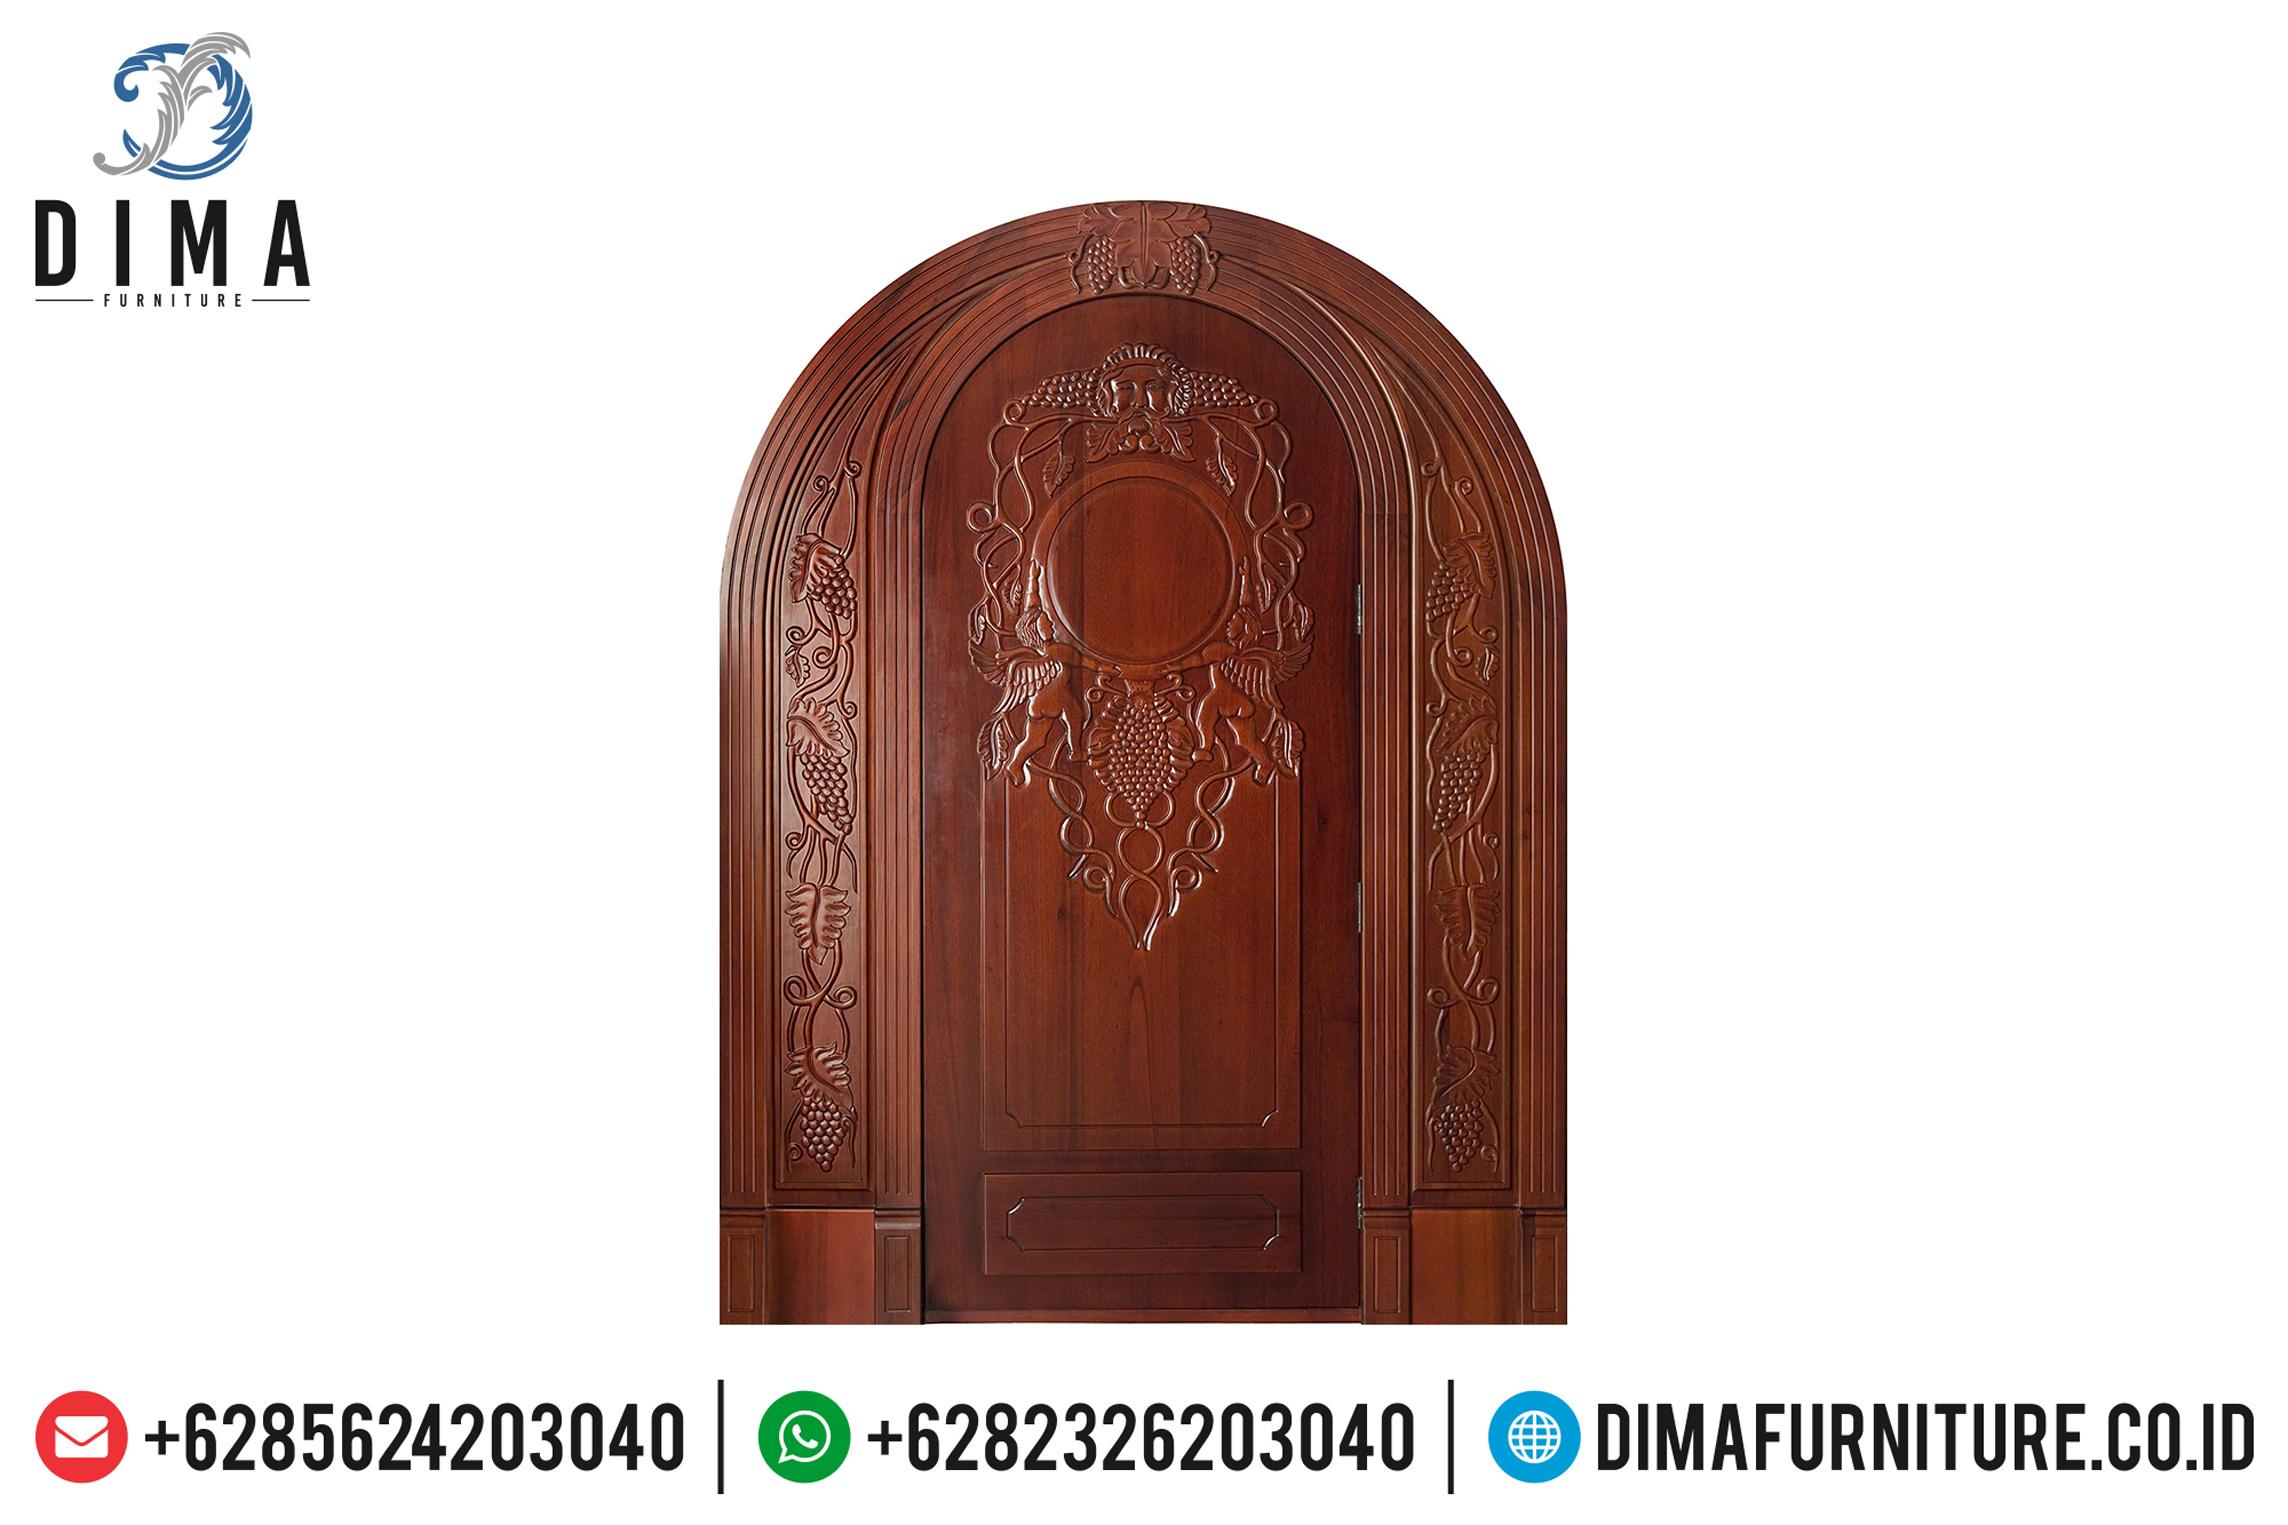 Pintu Rumah Mewah, Kusen Pintu Jati Jepara, Pintu Utama Jati DF-0739